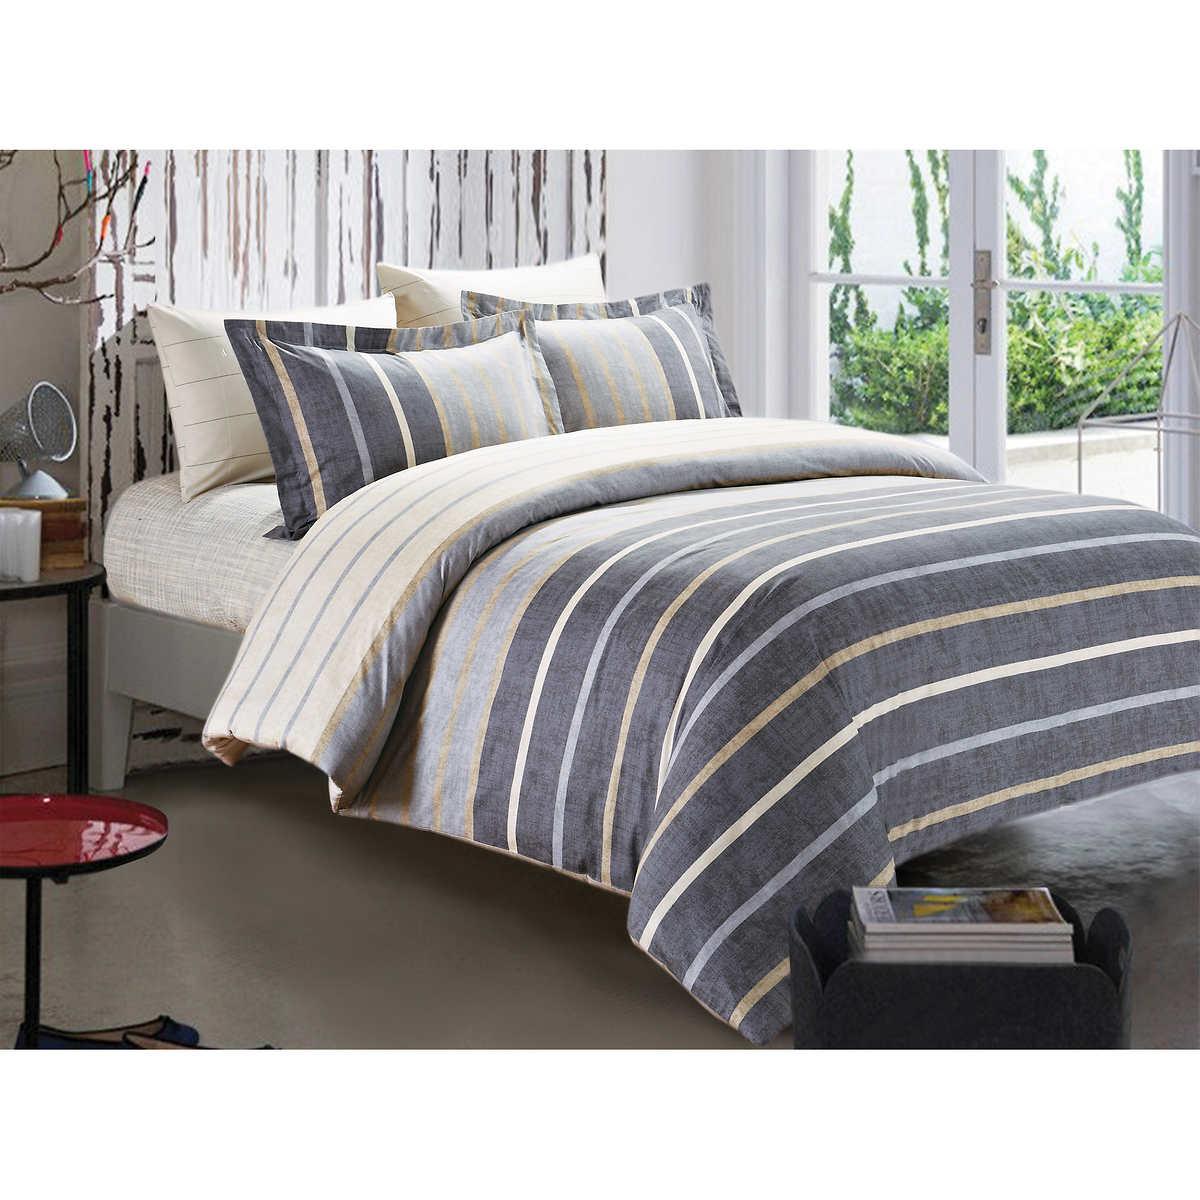 bedding sets  costco - versailles linea piece duvet cover set